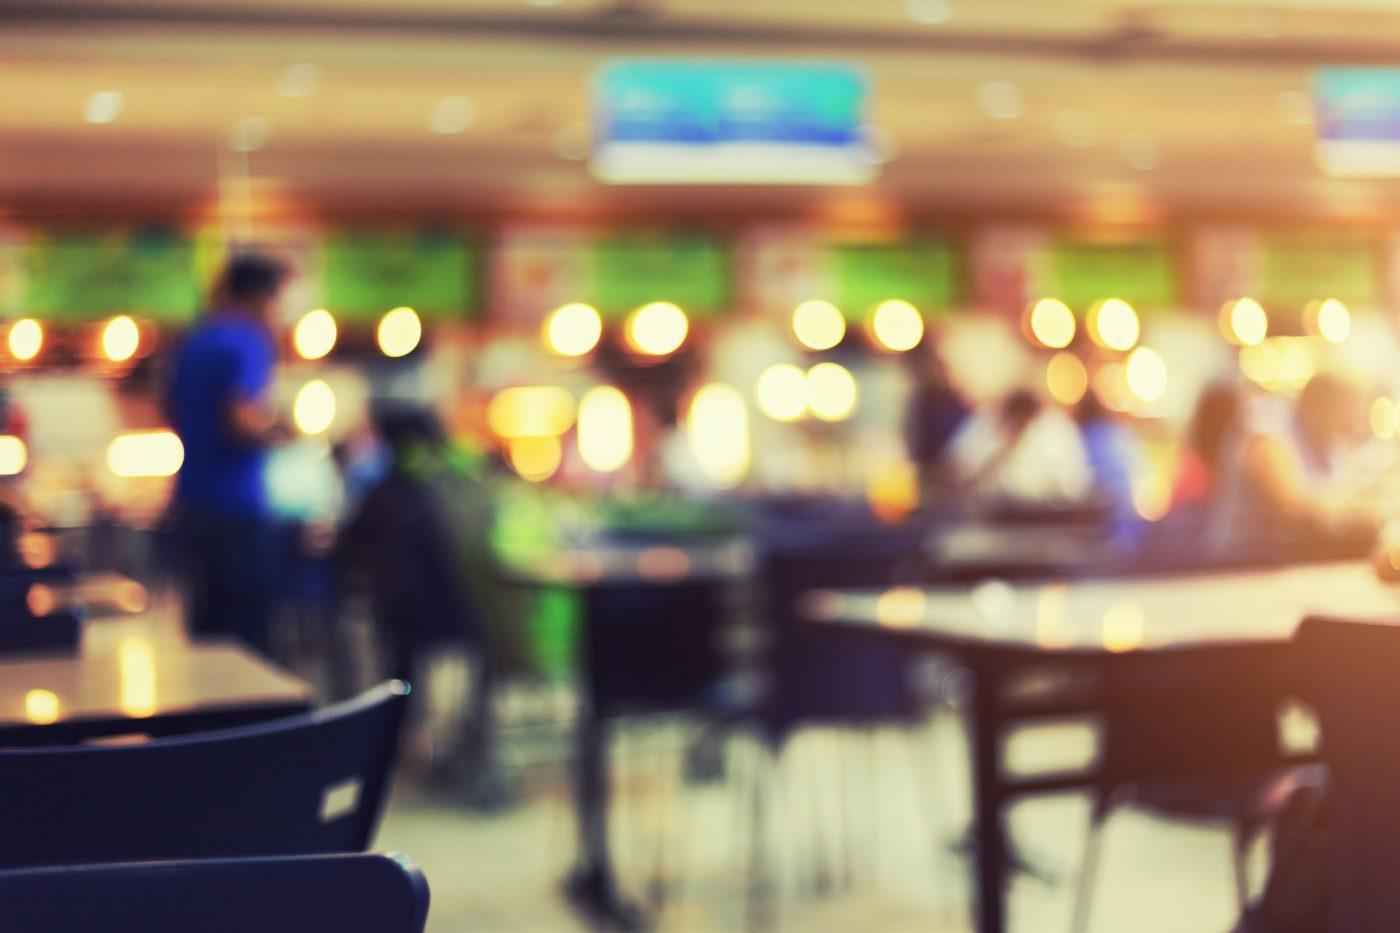 【業界分析:ファストフード】高級バーガーの代表格「シェイク・シャック」。ファストフード市場の動向